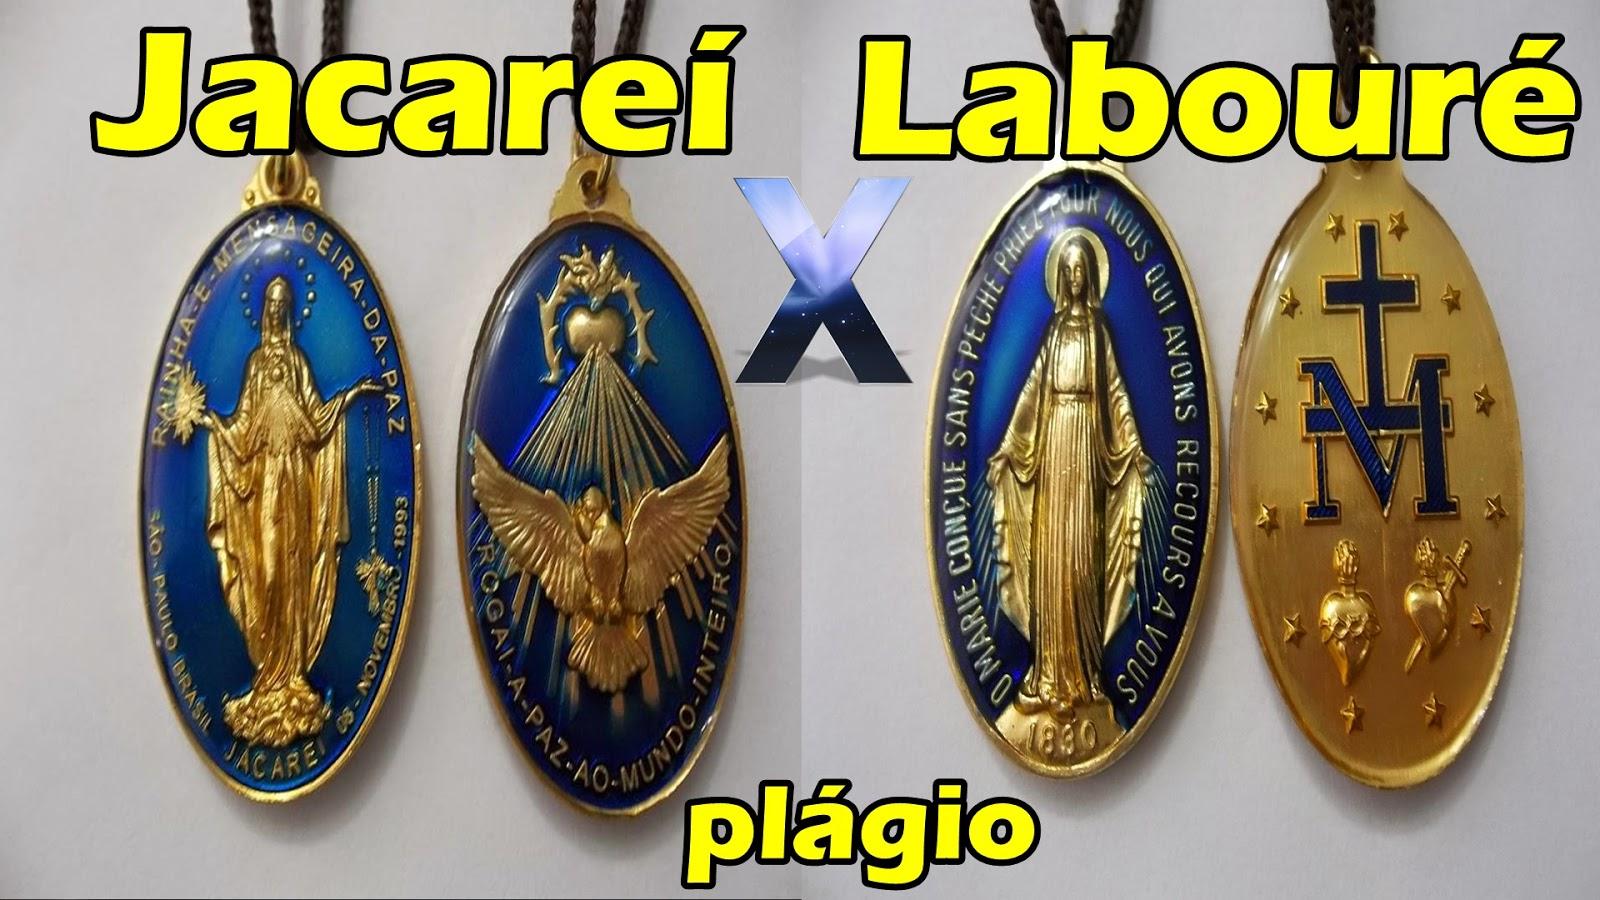 medalha da paz blog oficial - www.jacareiencantado, evelyn,testemunho , santuário, jacareí apariçoes -   marcos tadeu, vidente,  astrologo, adivinho,nossa senhora,vulto,MEDALHA, marcos tadeu sinal. pocissão, segredo,mensageira, postulantes, escravos, avatar, paizão